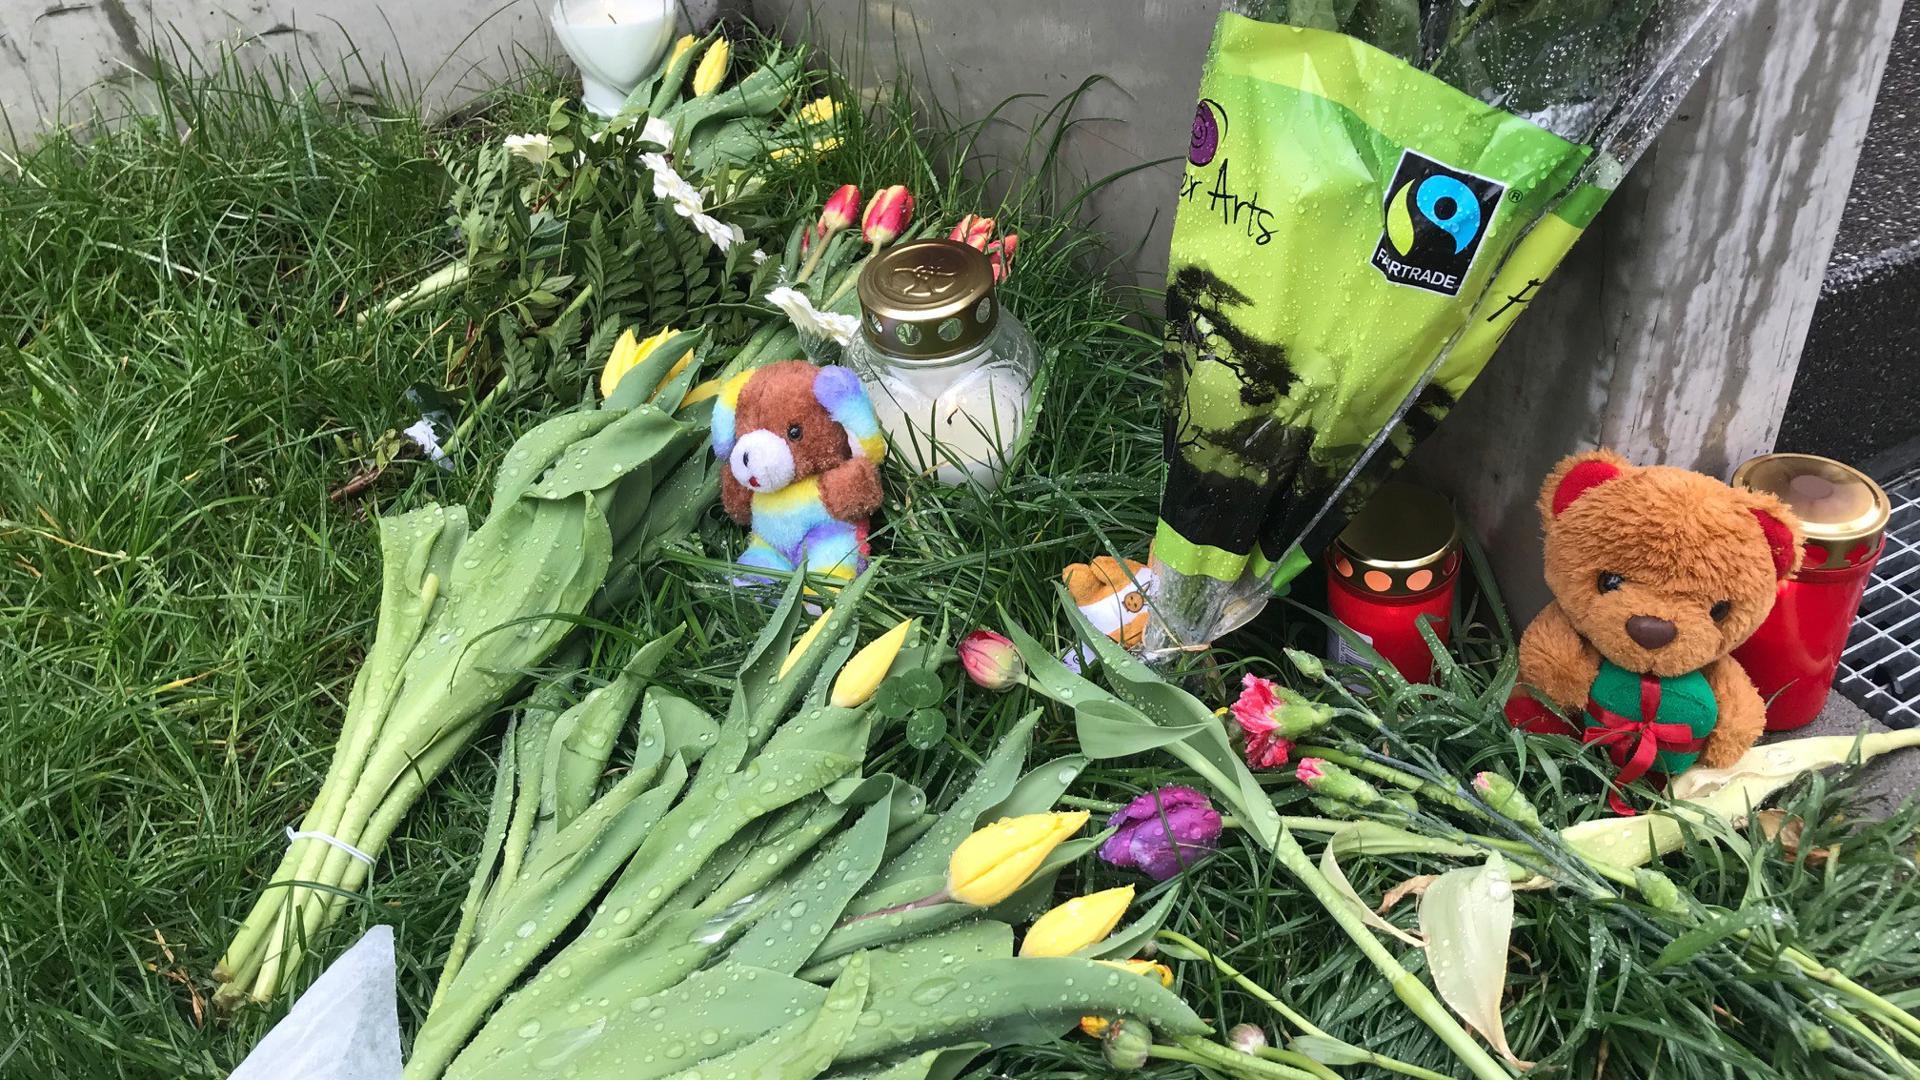 Blumen, Kerzen und Teddybären liegen im Gras